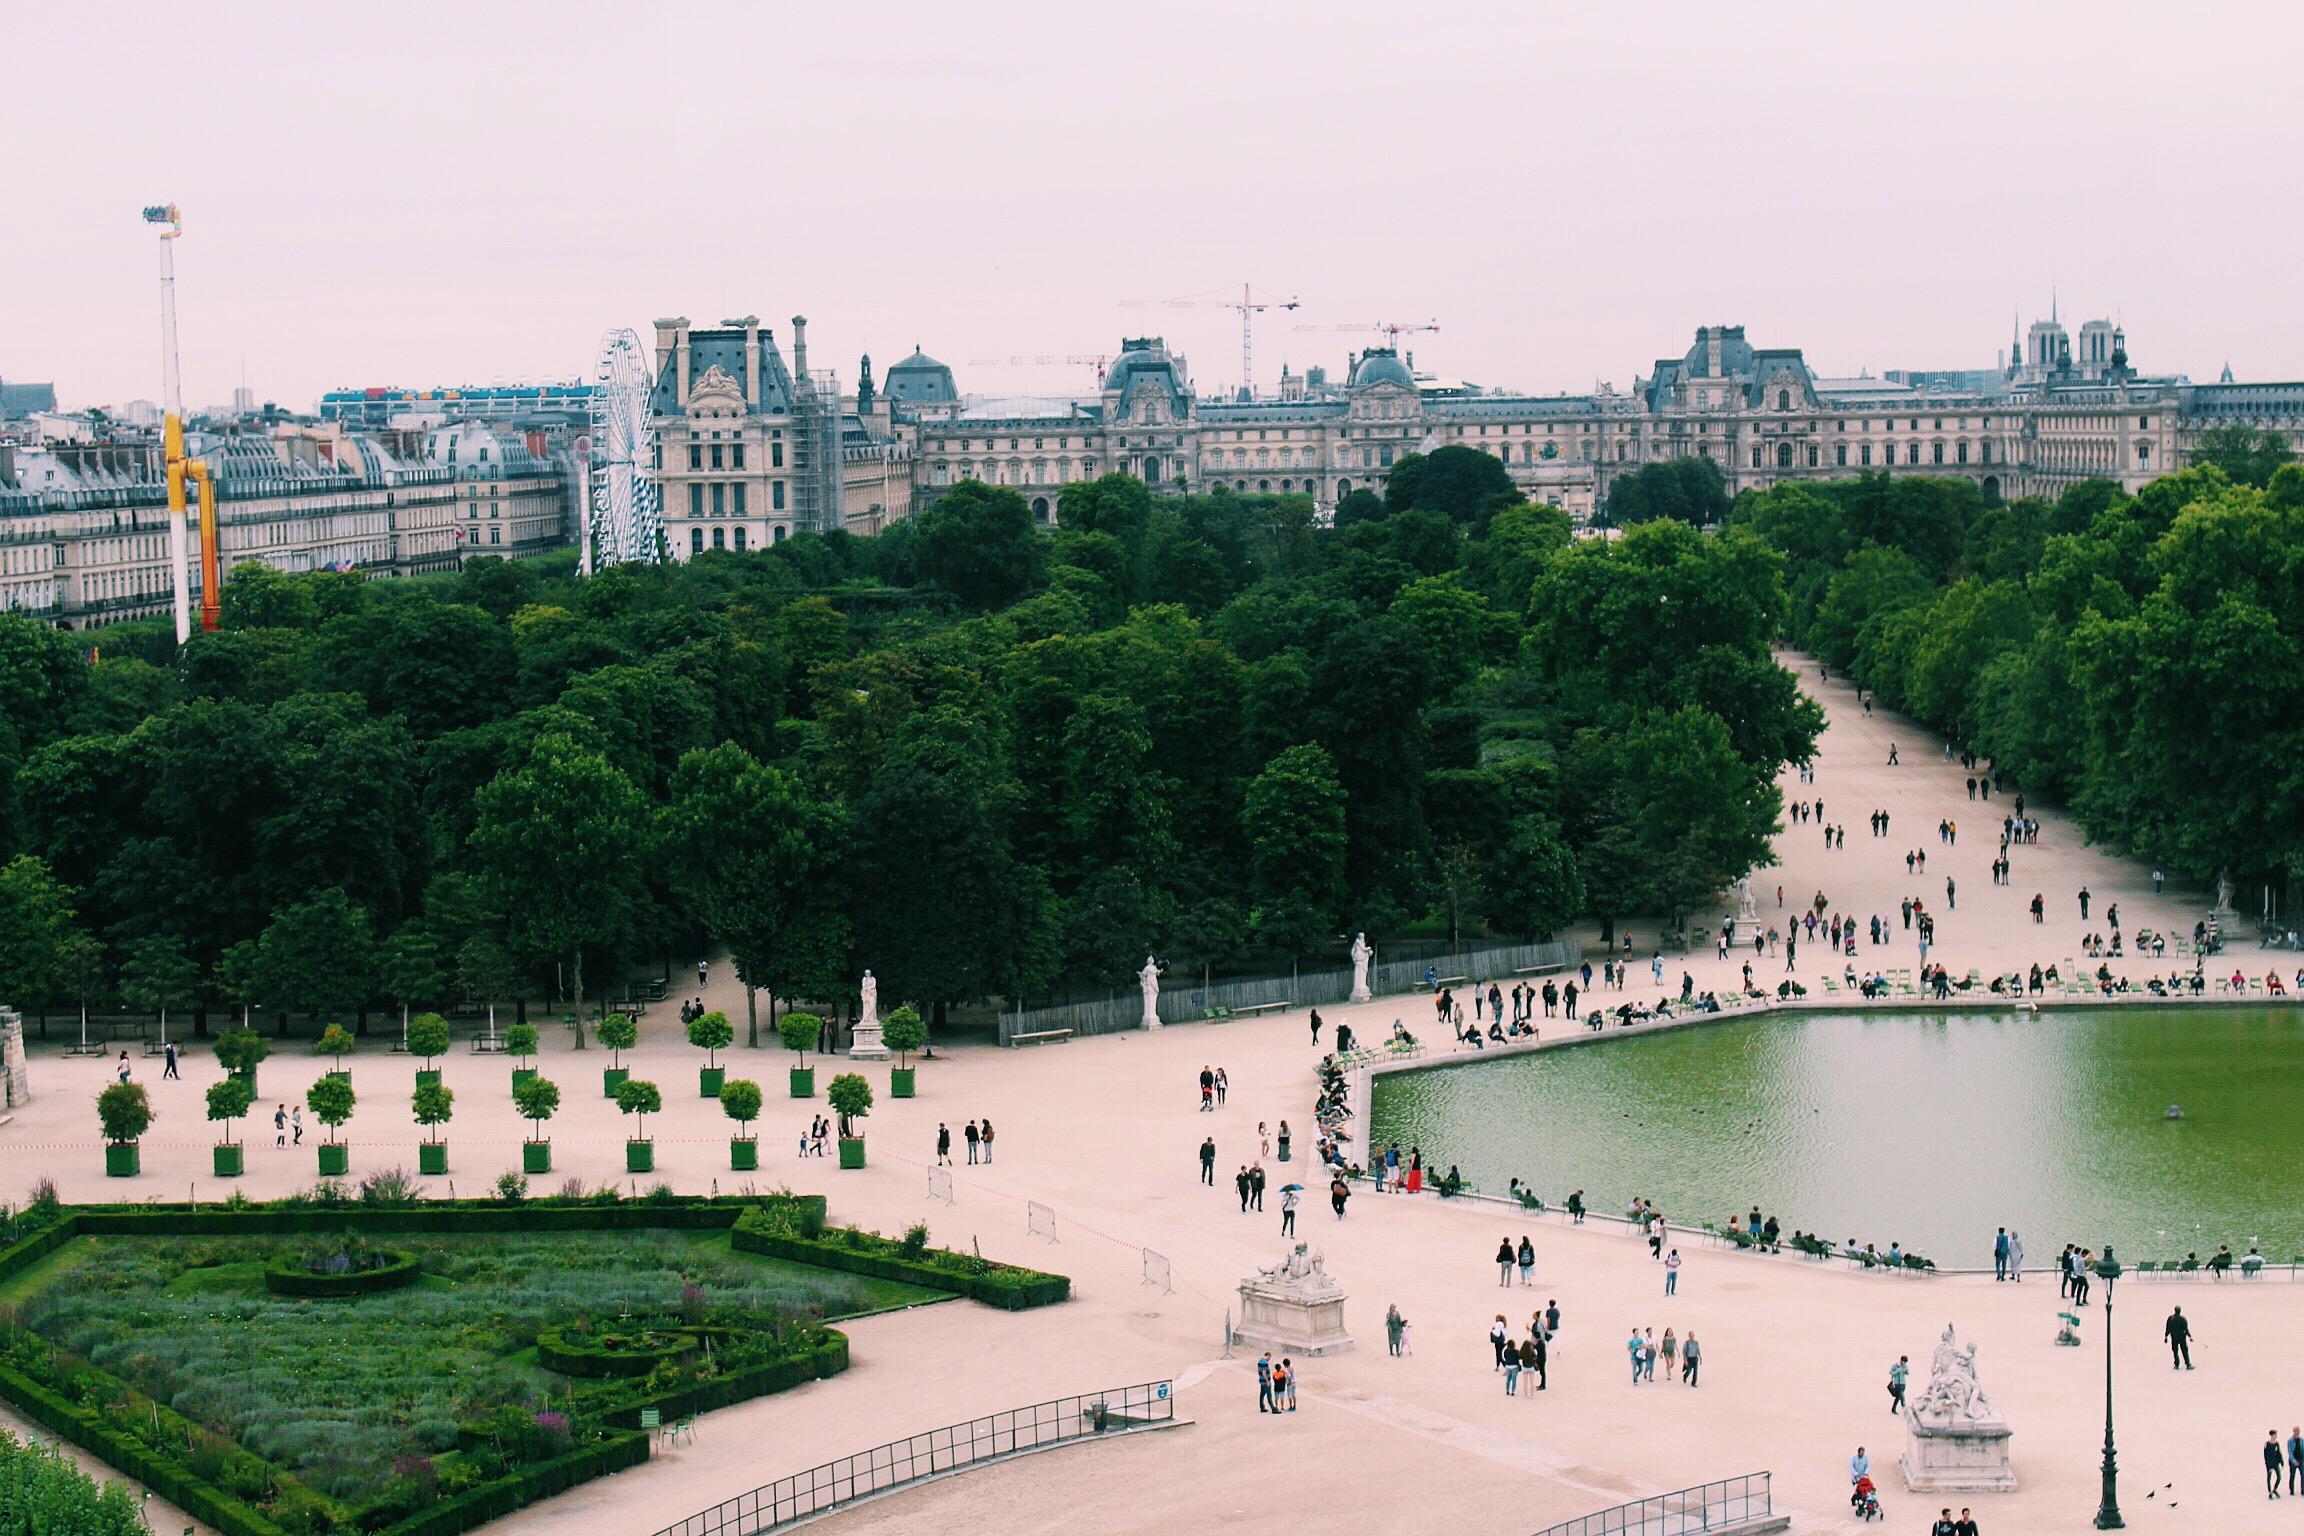 Jardin des tuileries ferris wheel views lexieslifexo for Jardin des tuileries